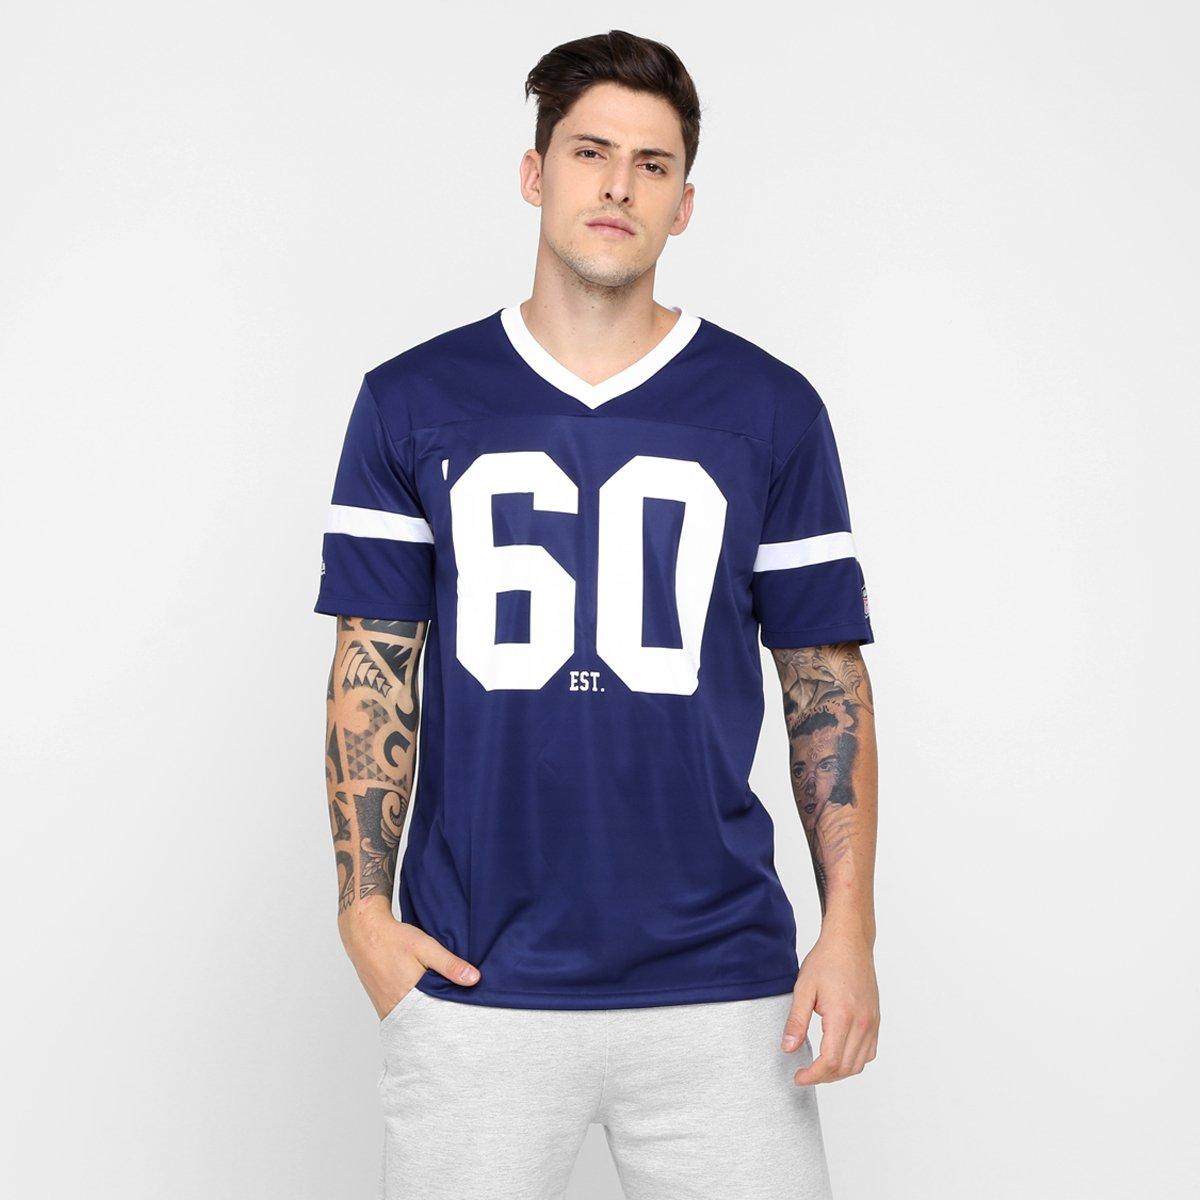 Camiseta New Era NFL Jersey New England Patriots - Compre Agora ... 21036c004ce9f